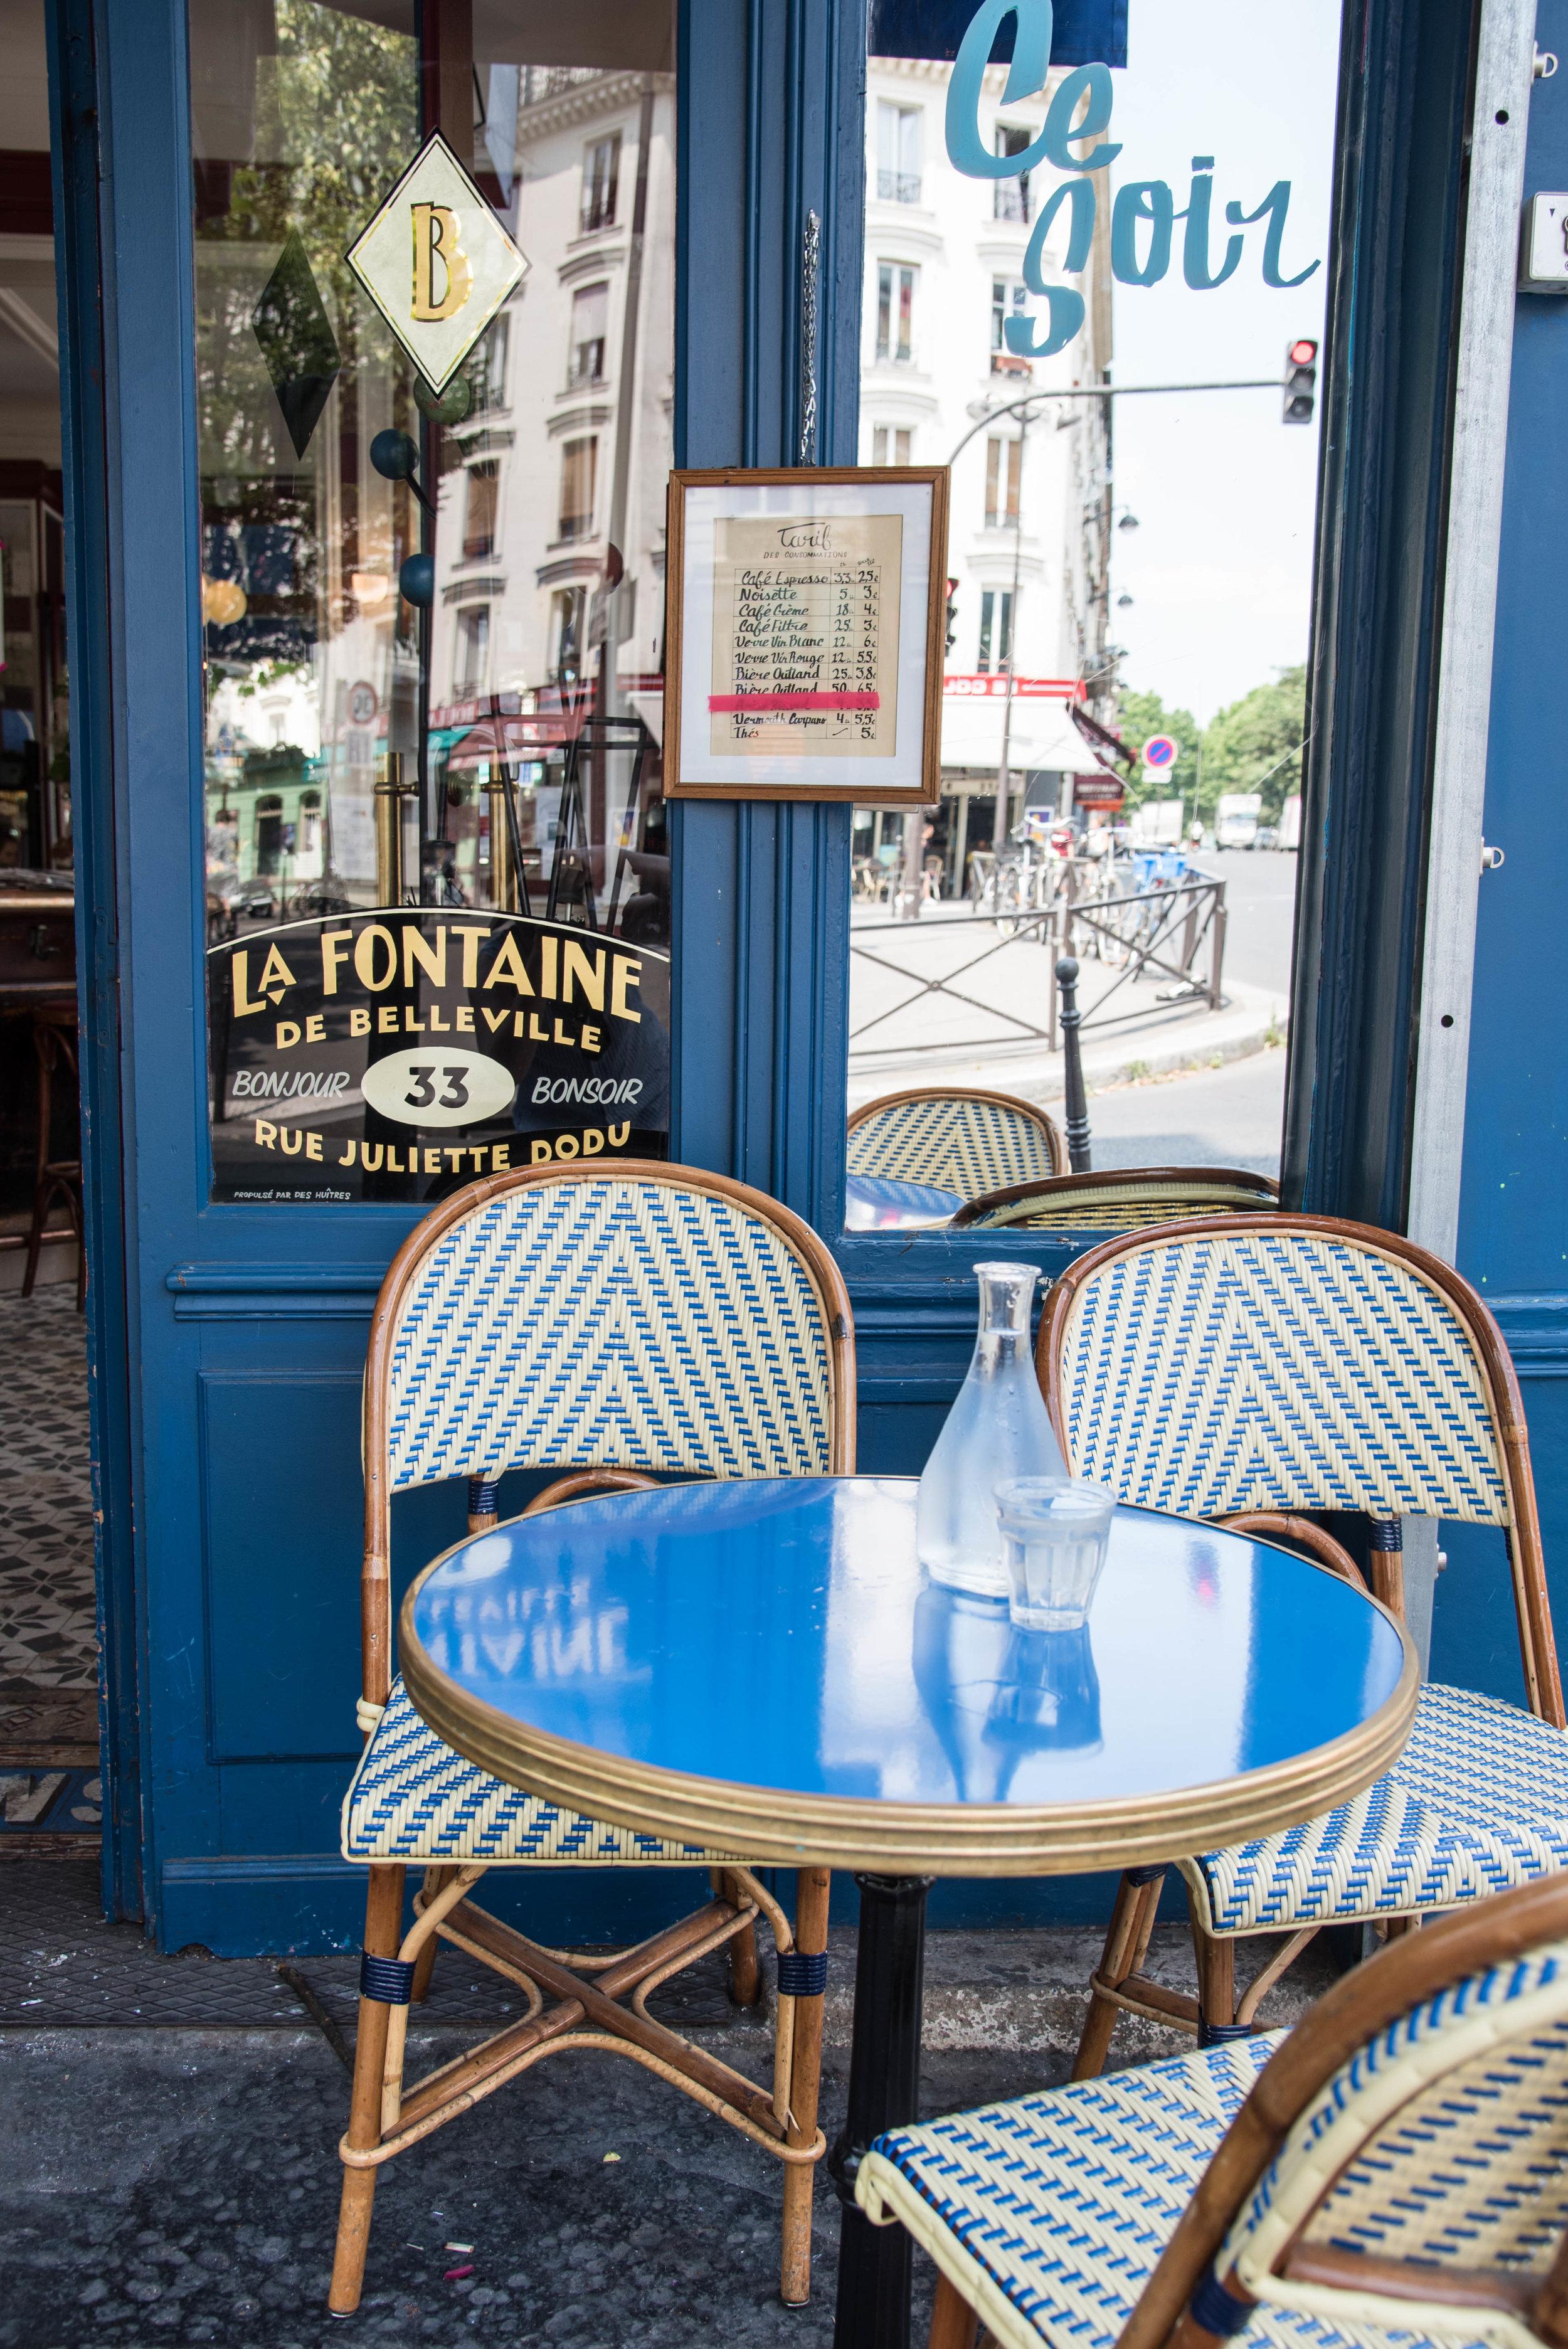 ROSE & IVY Journal When In Paris Dine at La Fontaine de Belleville